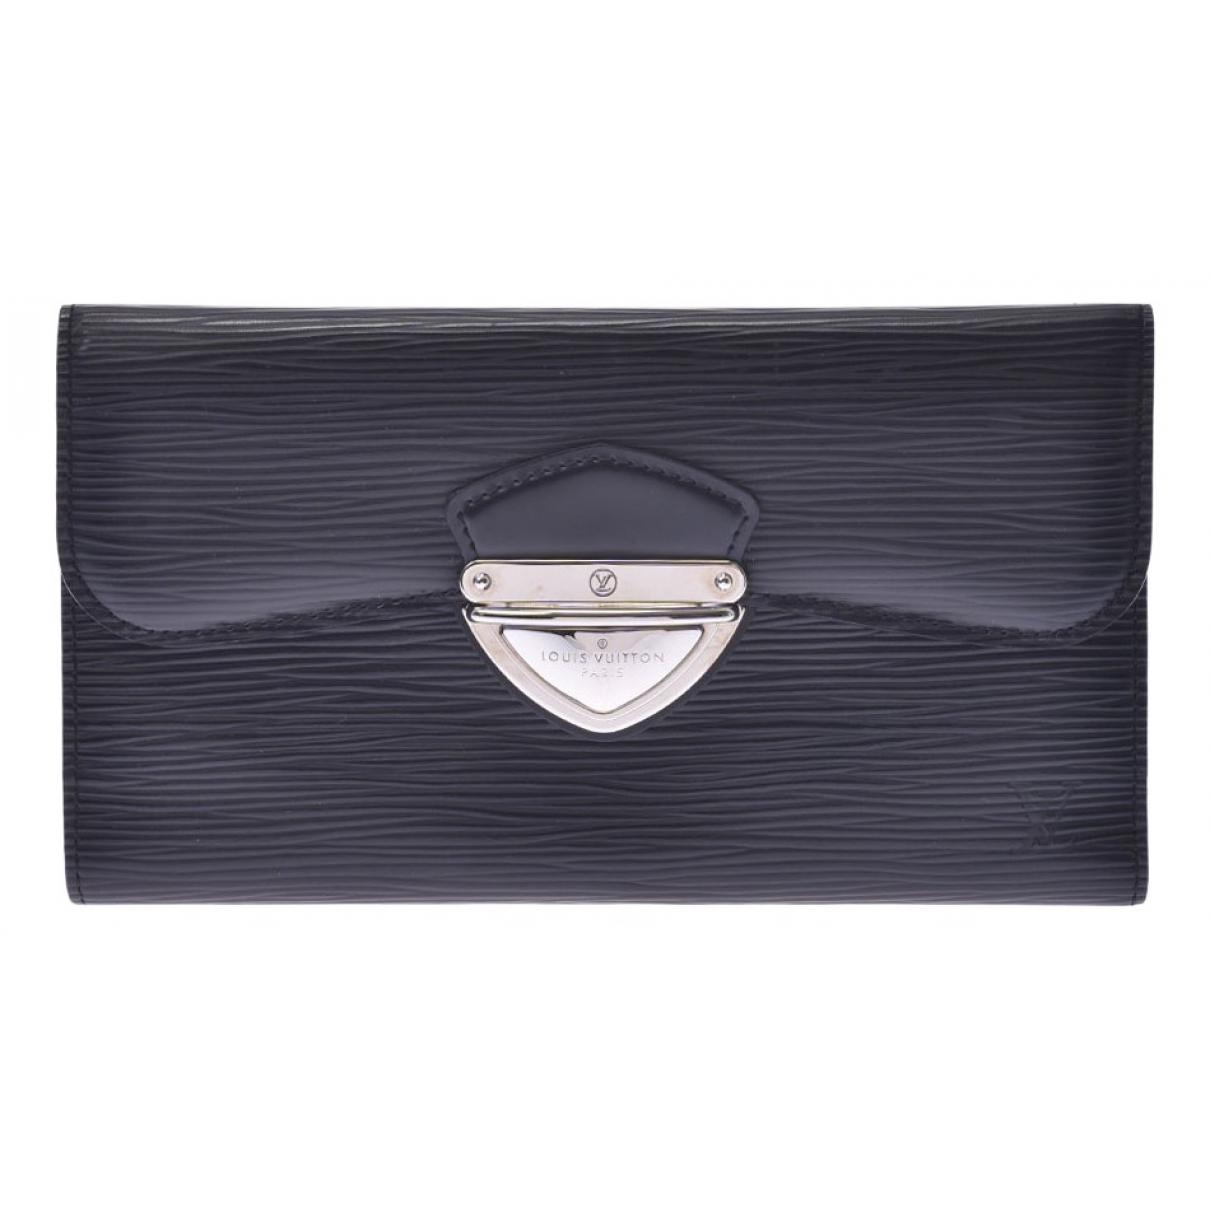 Louis Vuitton - Portefeuille Eugenie pour femme en cuir - noir